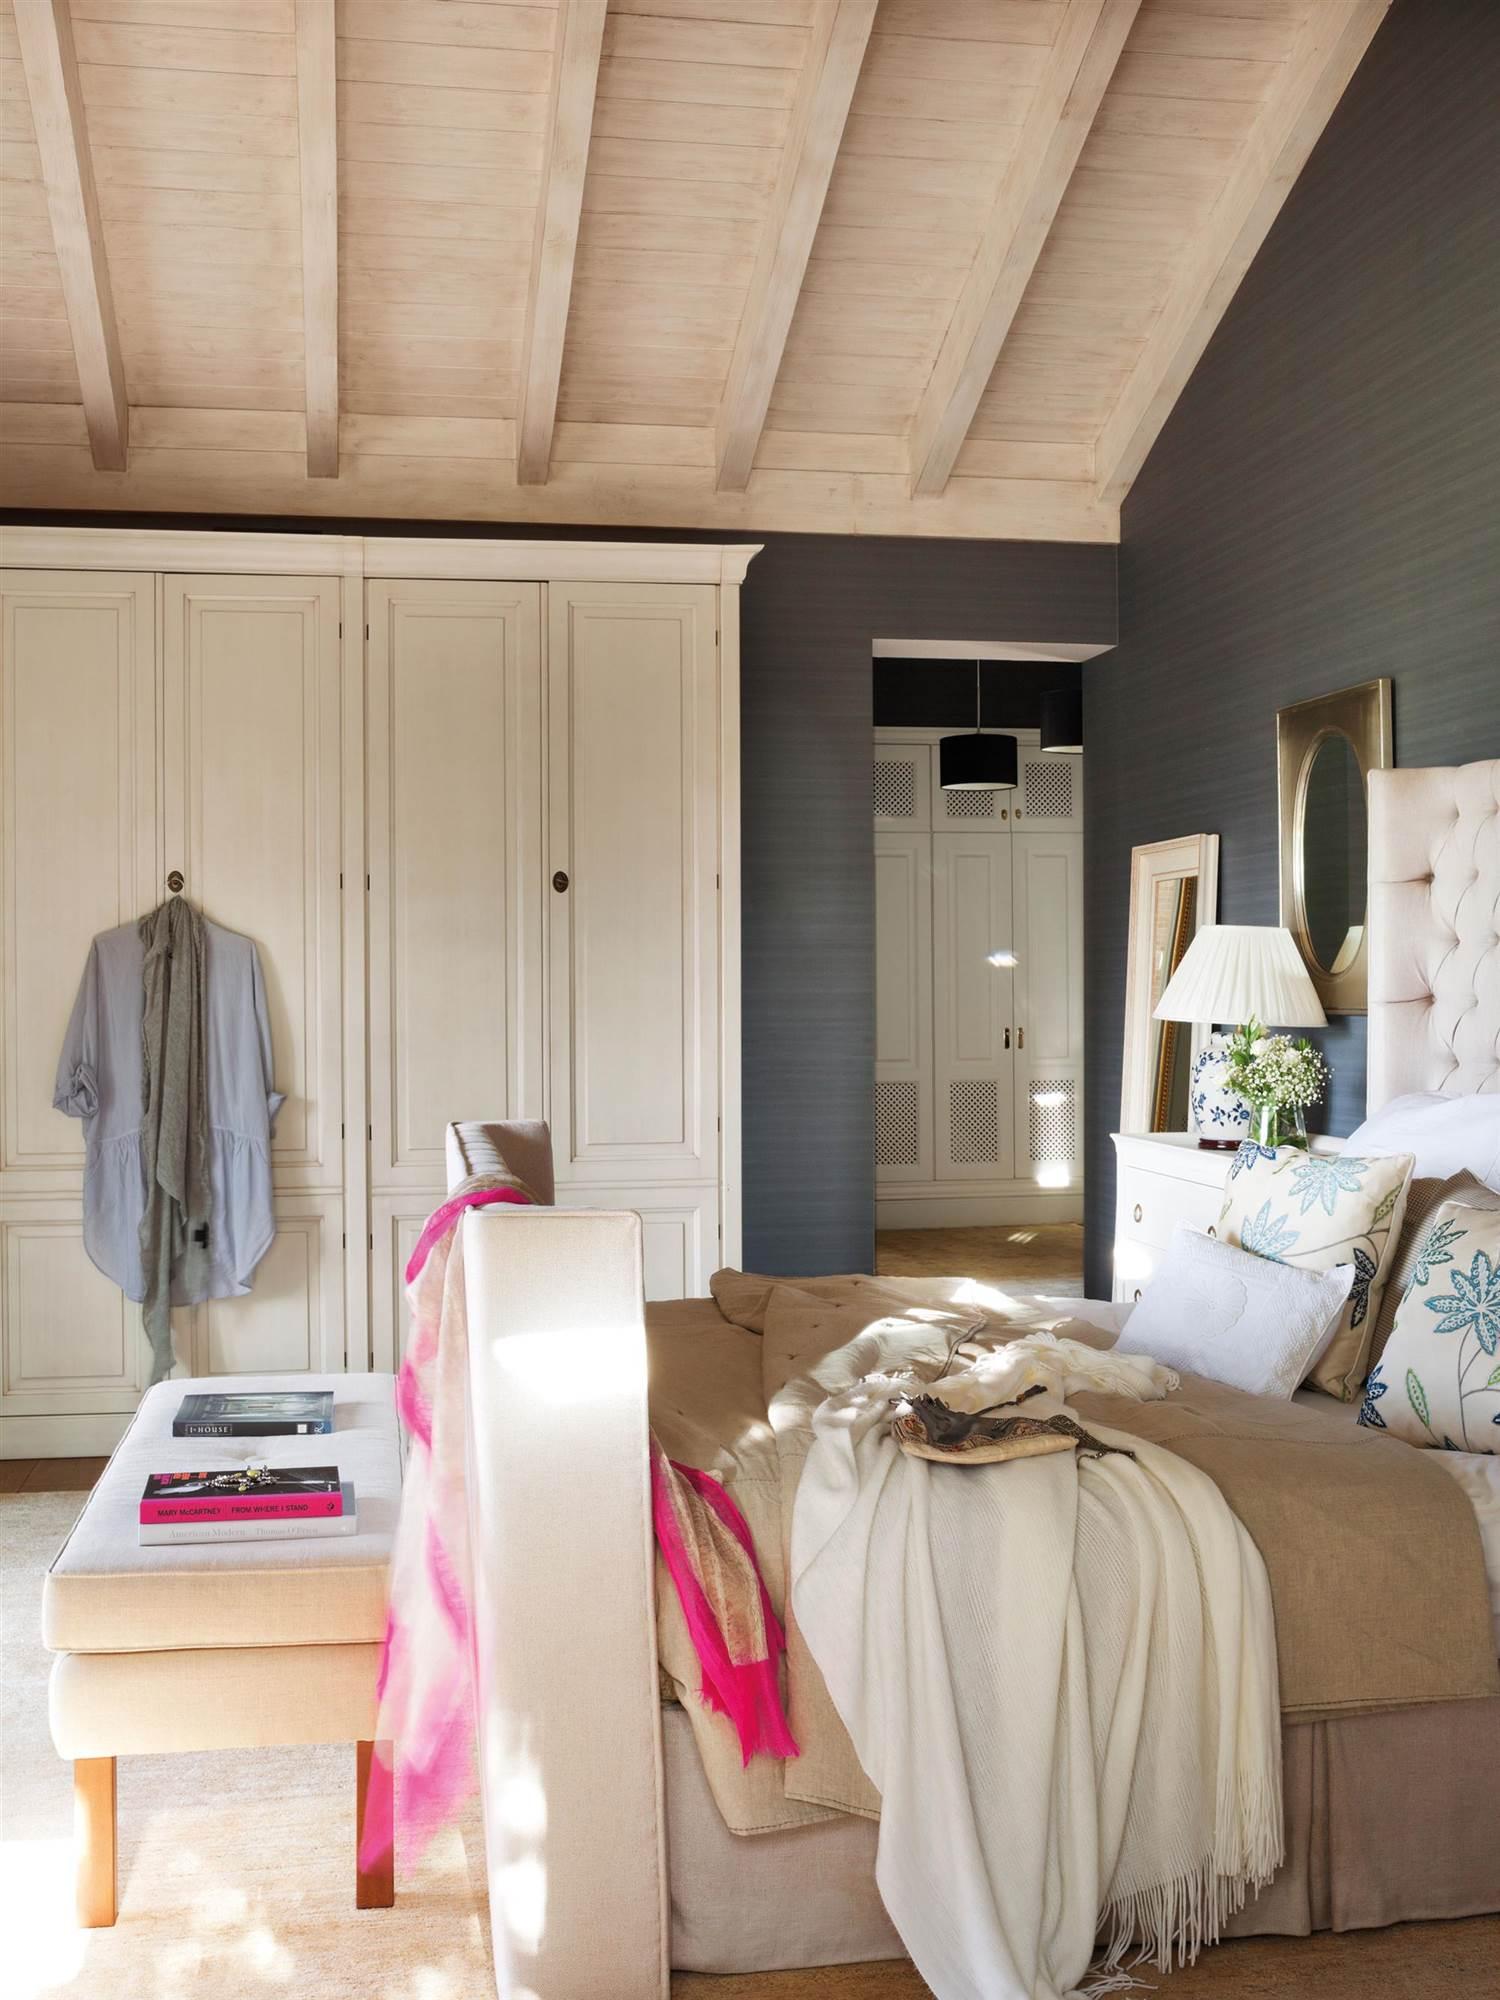 Armarios roperos armarios de cocina y armarios de ba o - Tiradores para muebles de bano ...